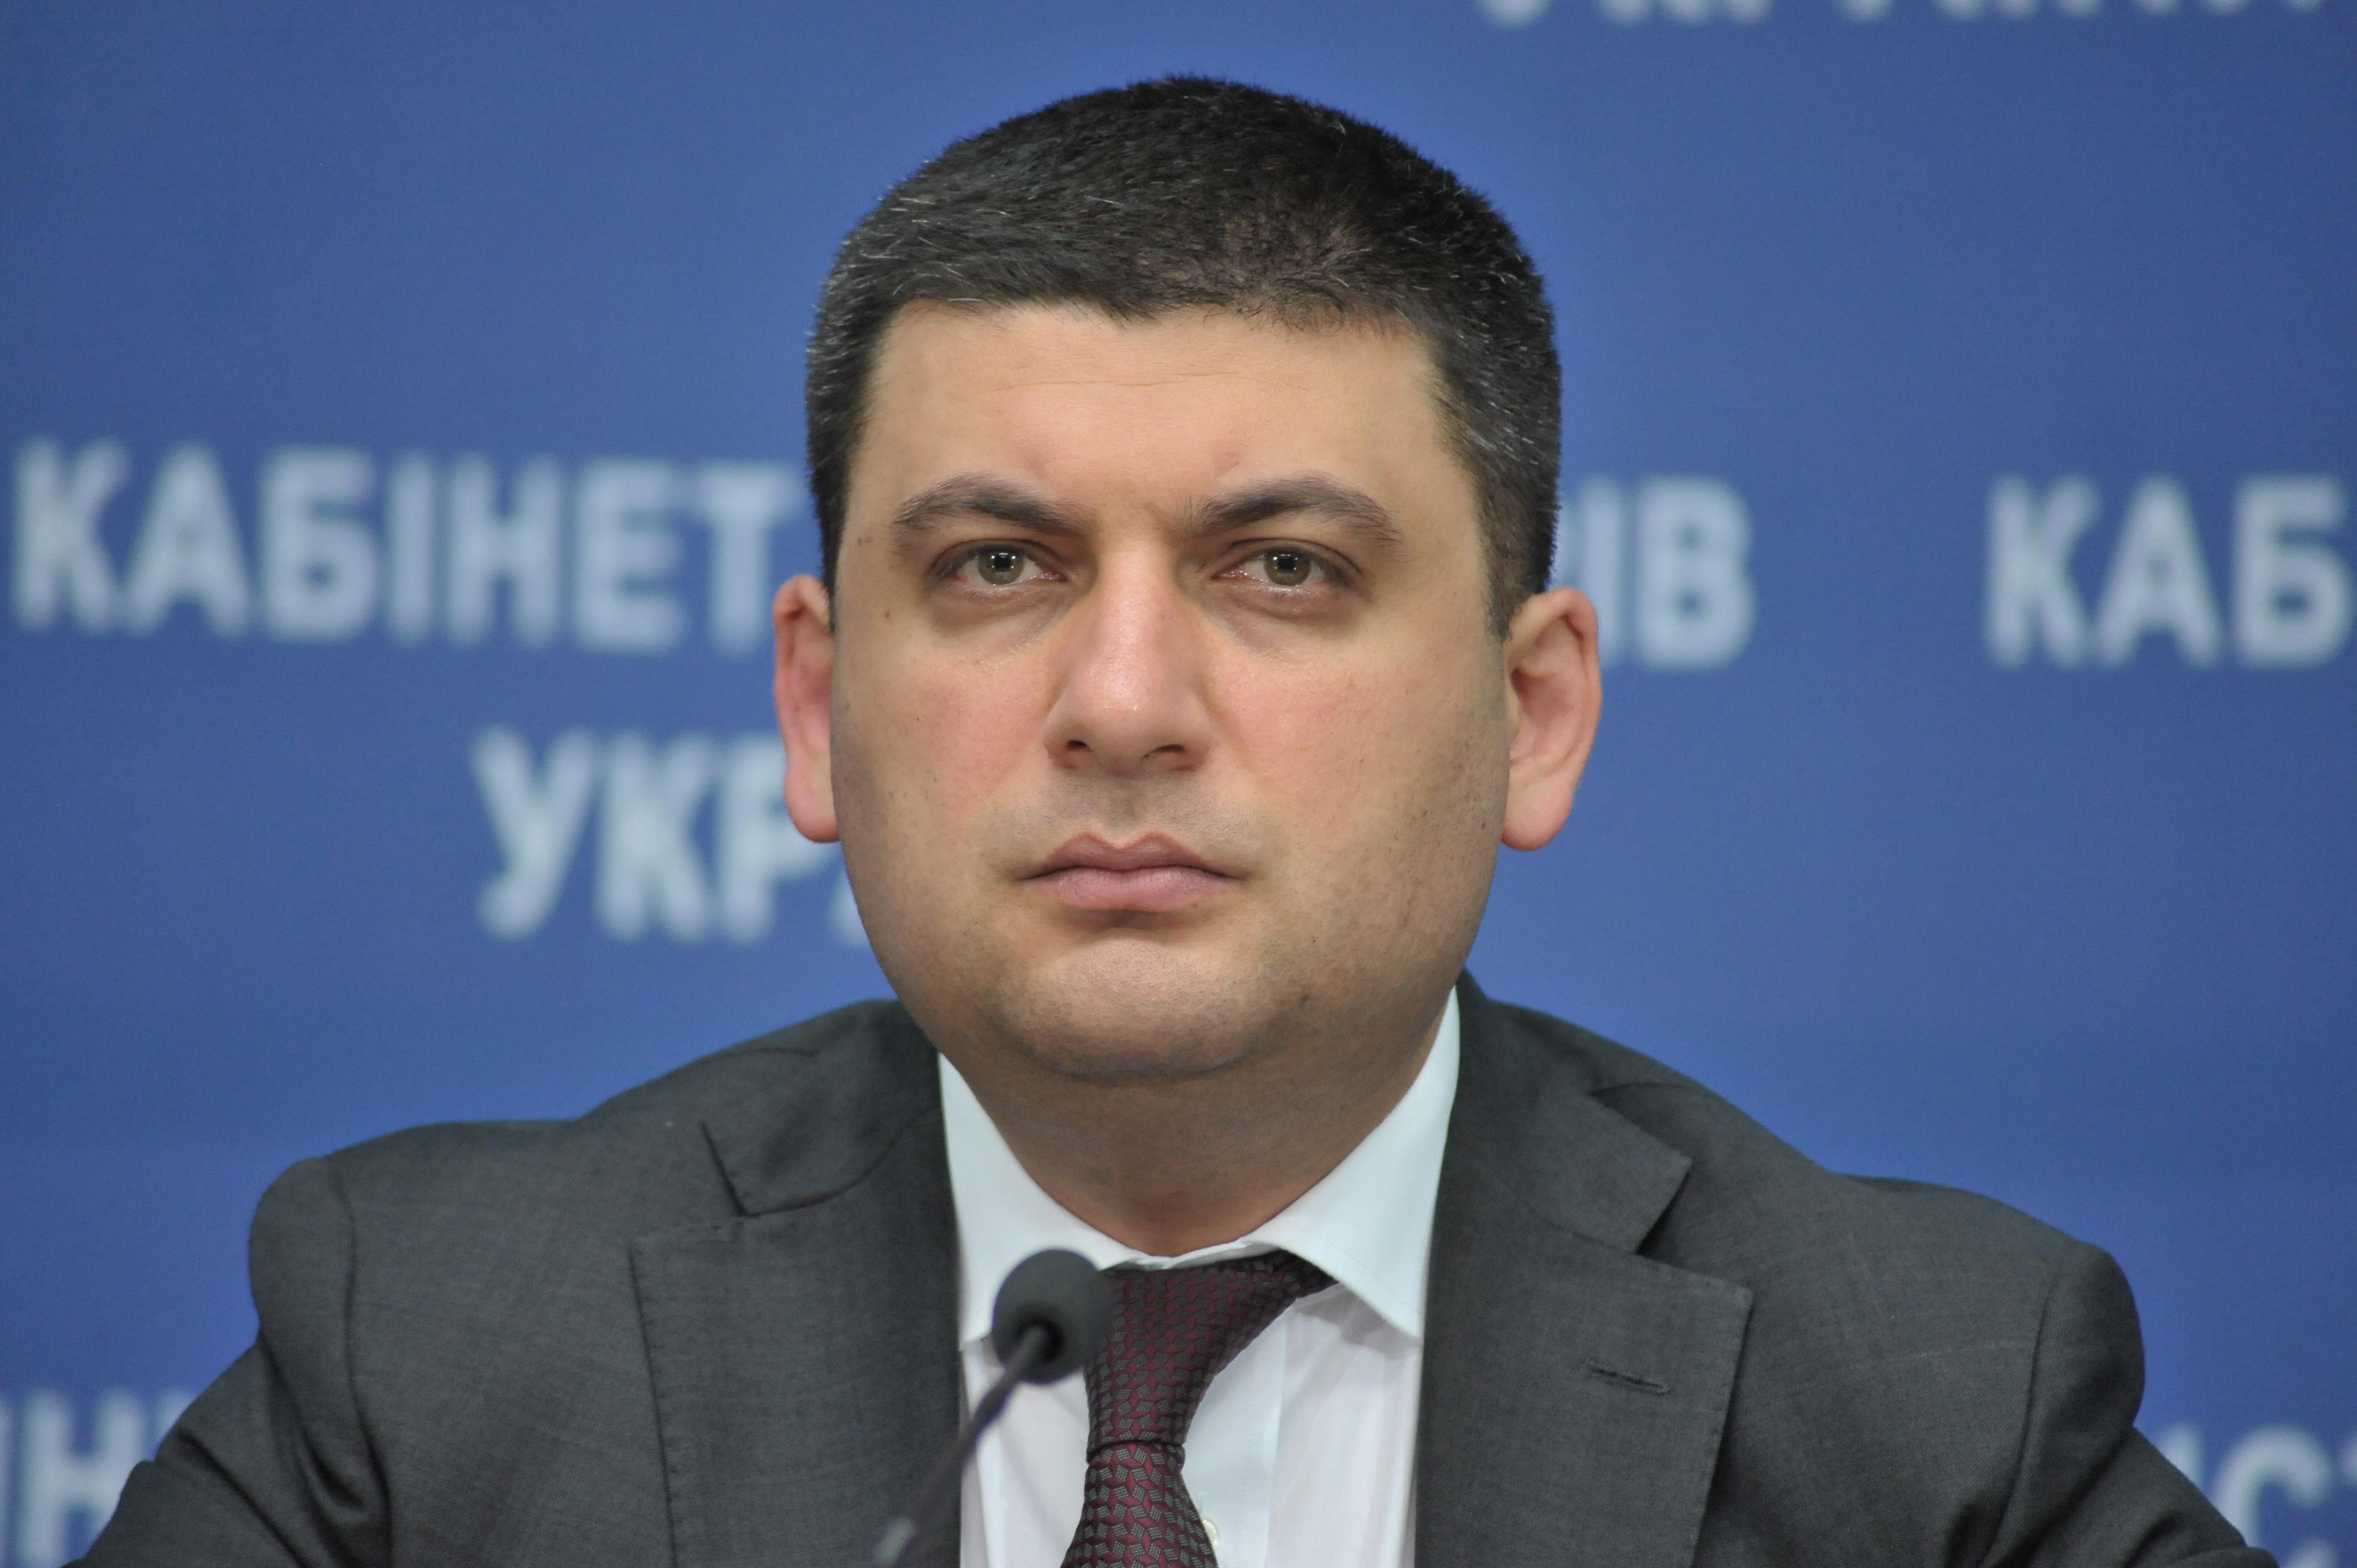 Гройсман: Ситуация в Авдеевке полностью контролируемая